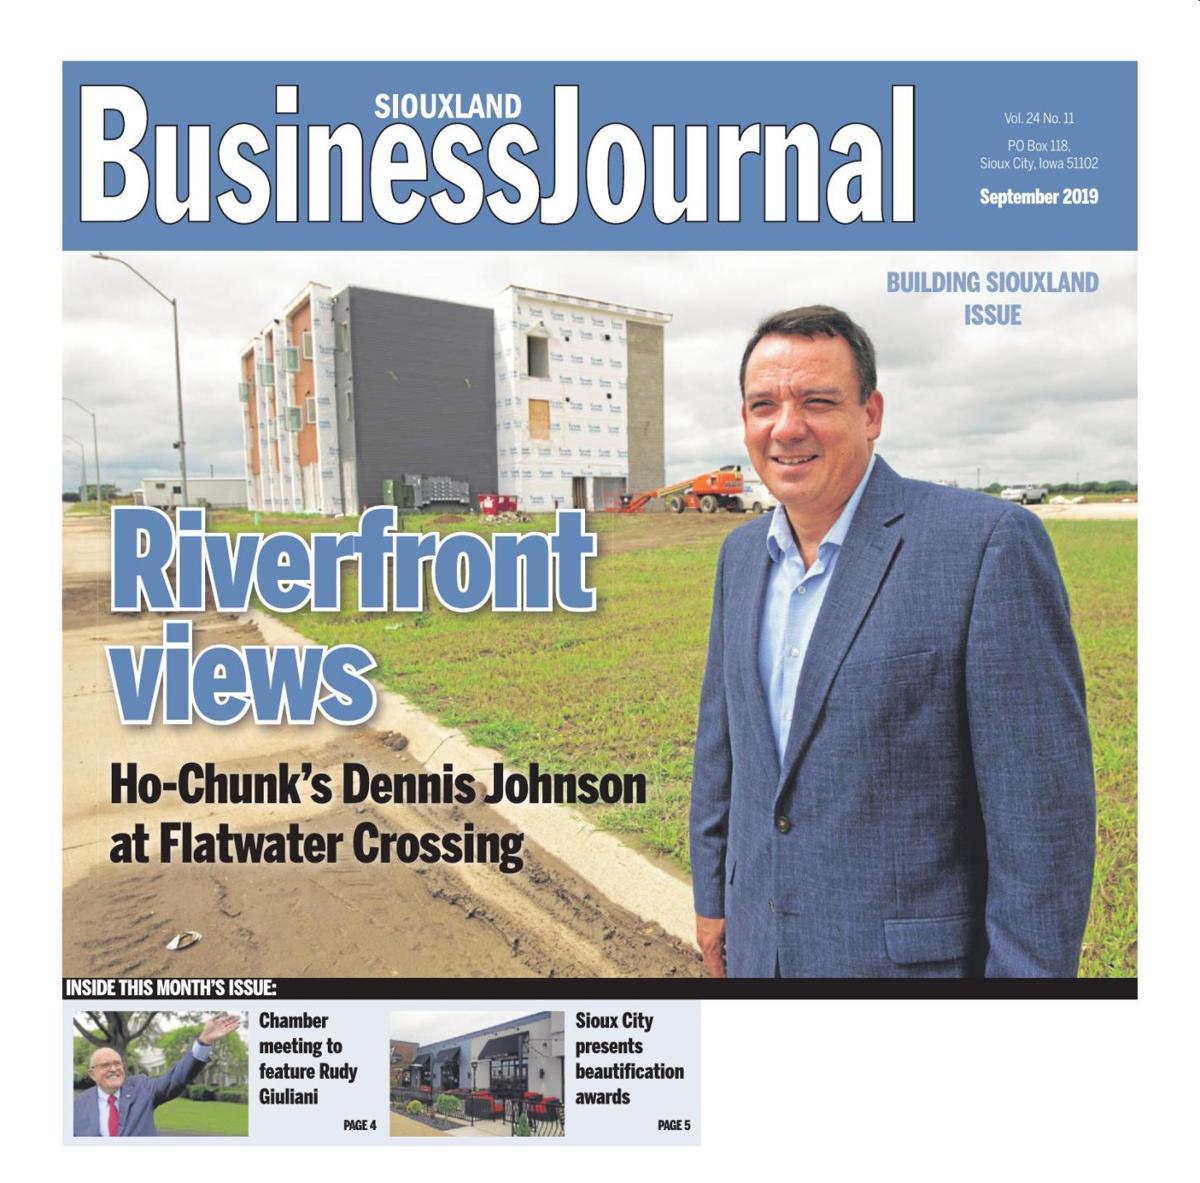 Siouxland Business Journal - Sept. 2019